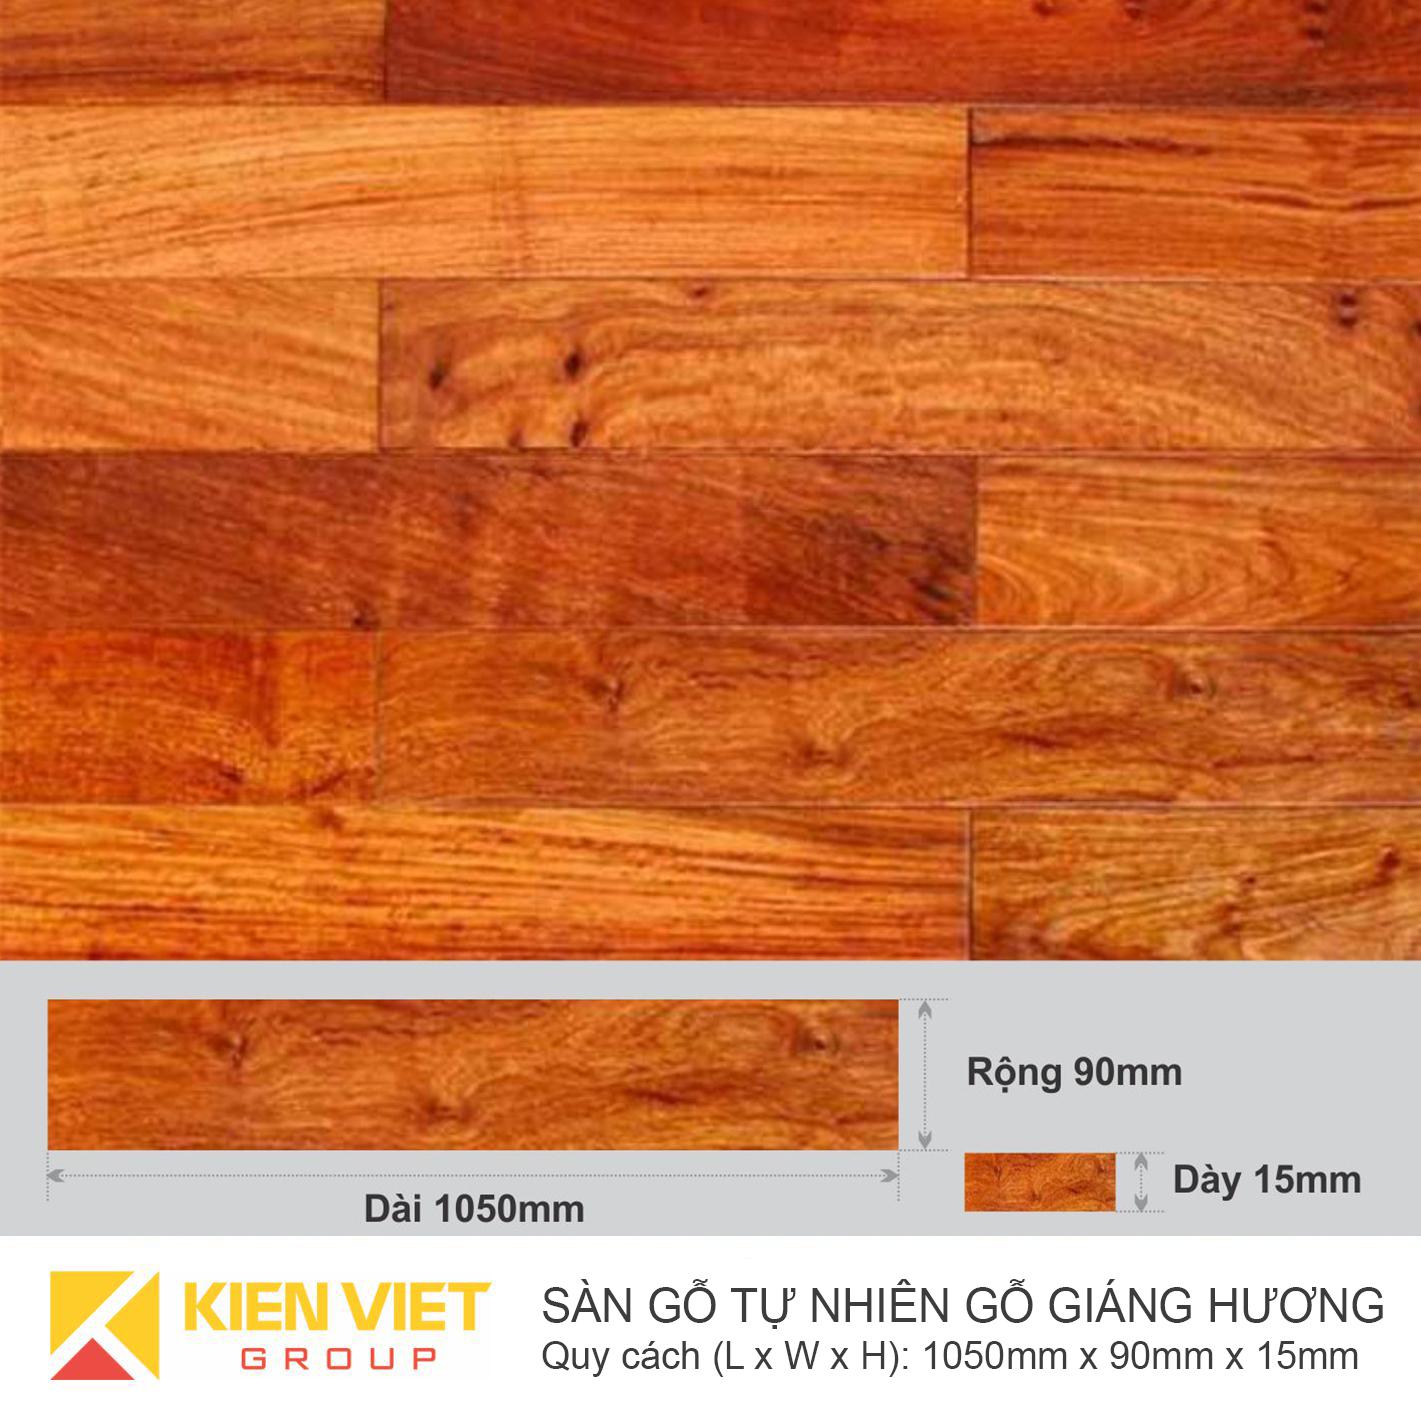 Sàn gỗ tự nhiên Giáng hương 1050x15mm